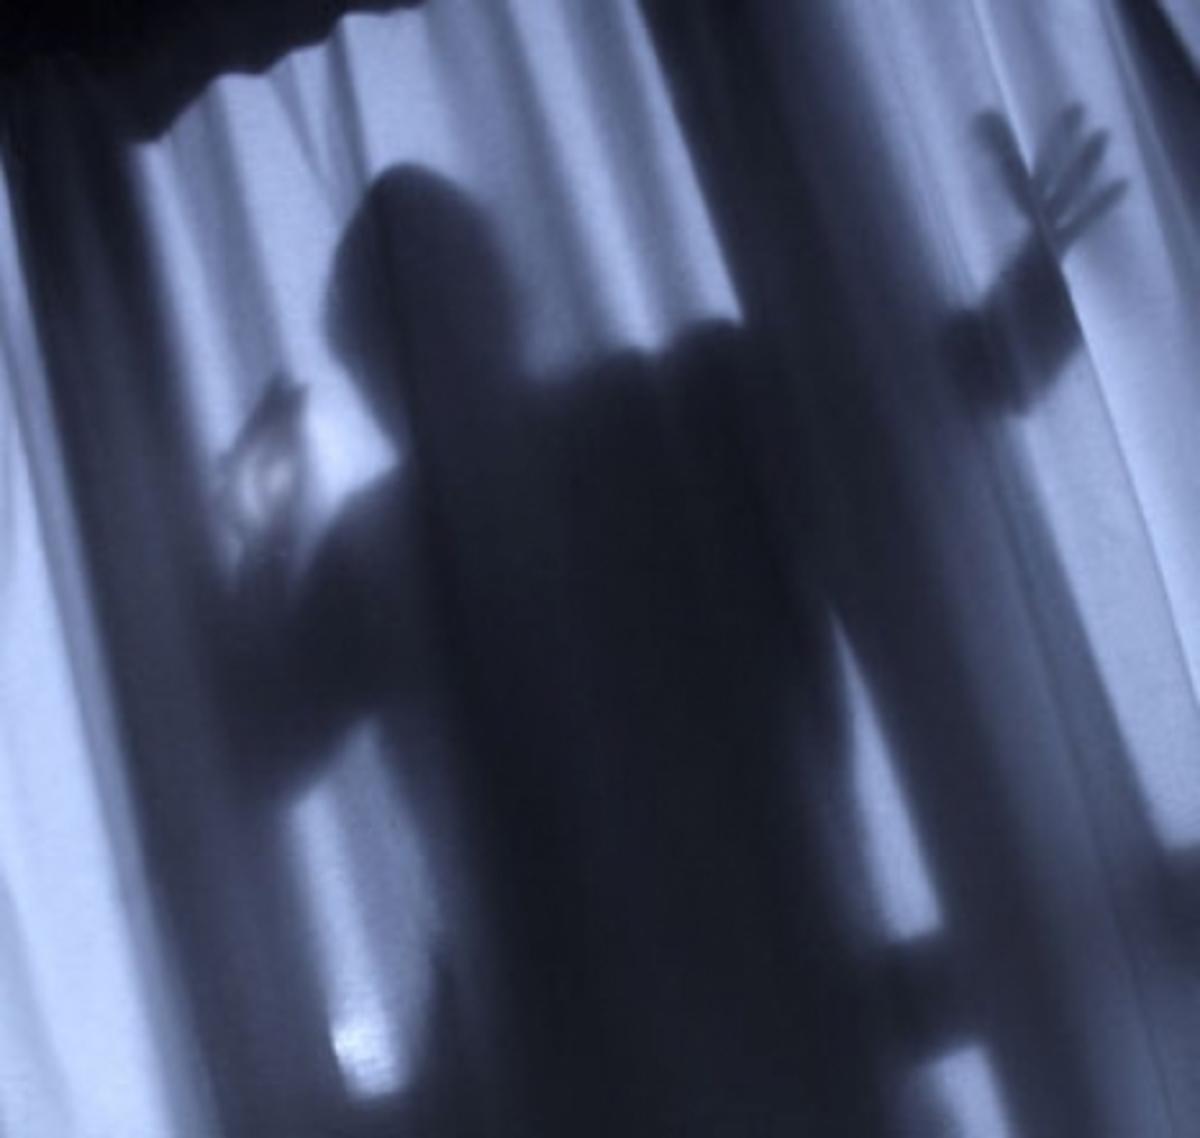 Ηλεία: Ο πιο… νευρικός διαρρήκτης – Μπήκε και έβρισε τους ιδιοκτήτες! | Newsit.gr